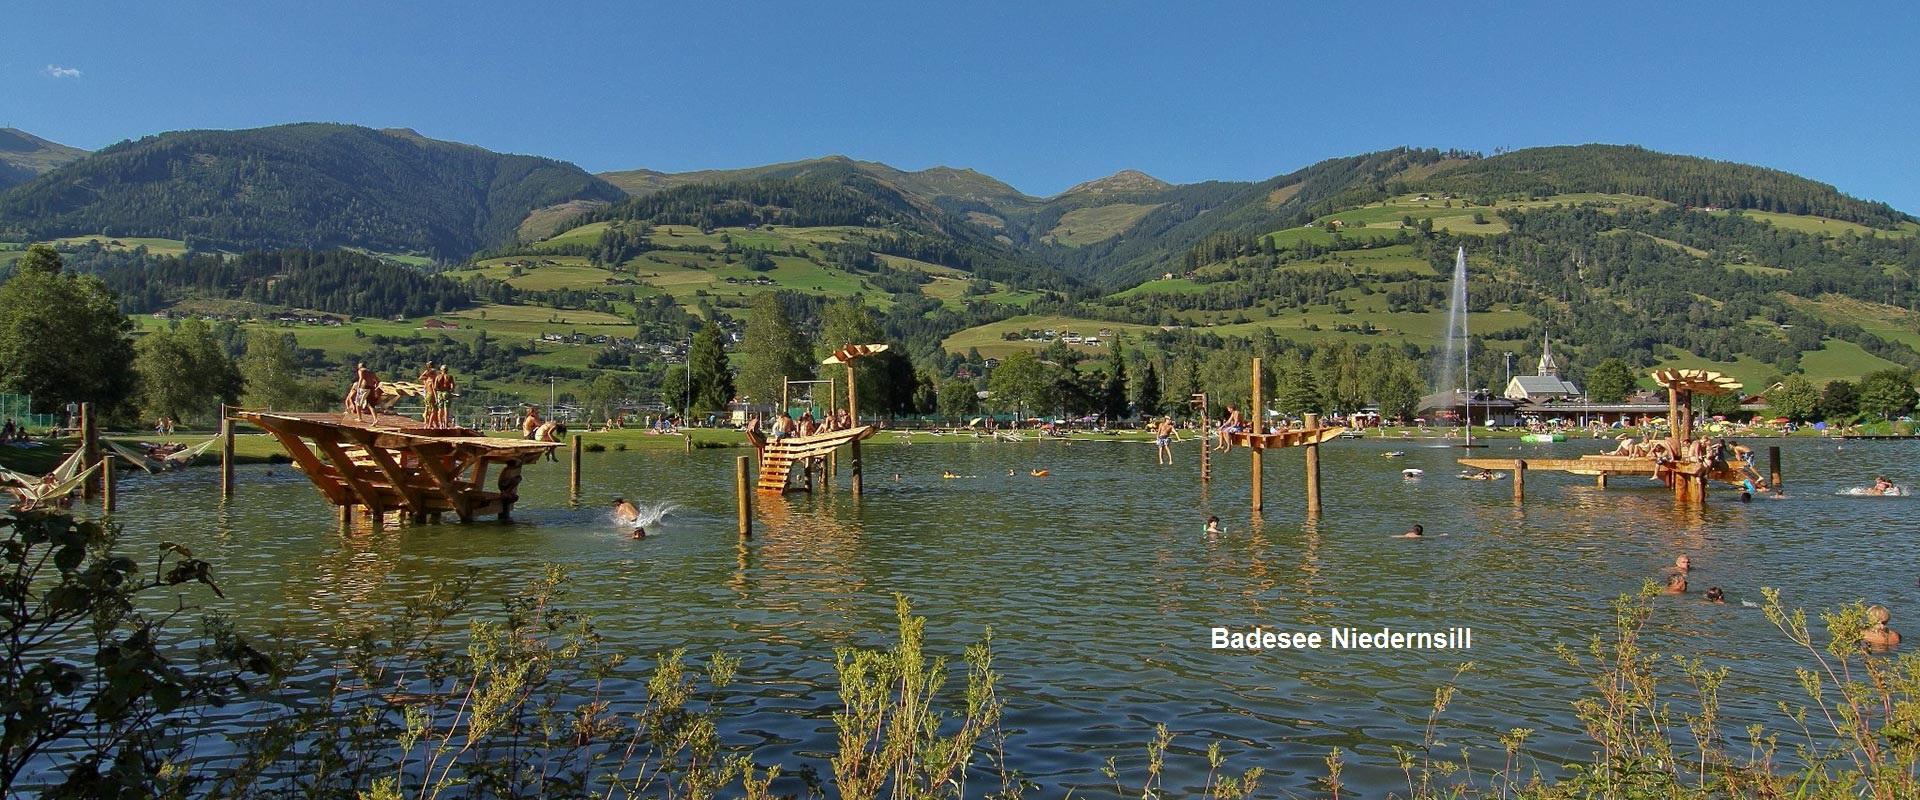 Sommerurlaub Niedernsill01